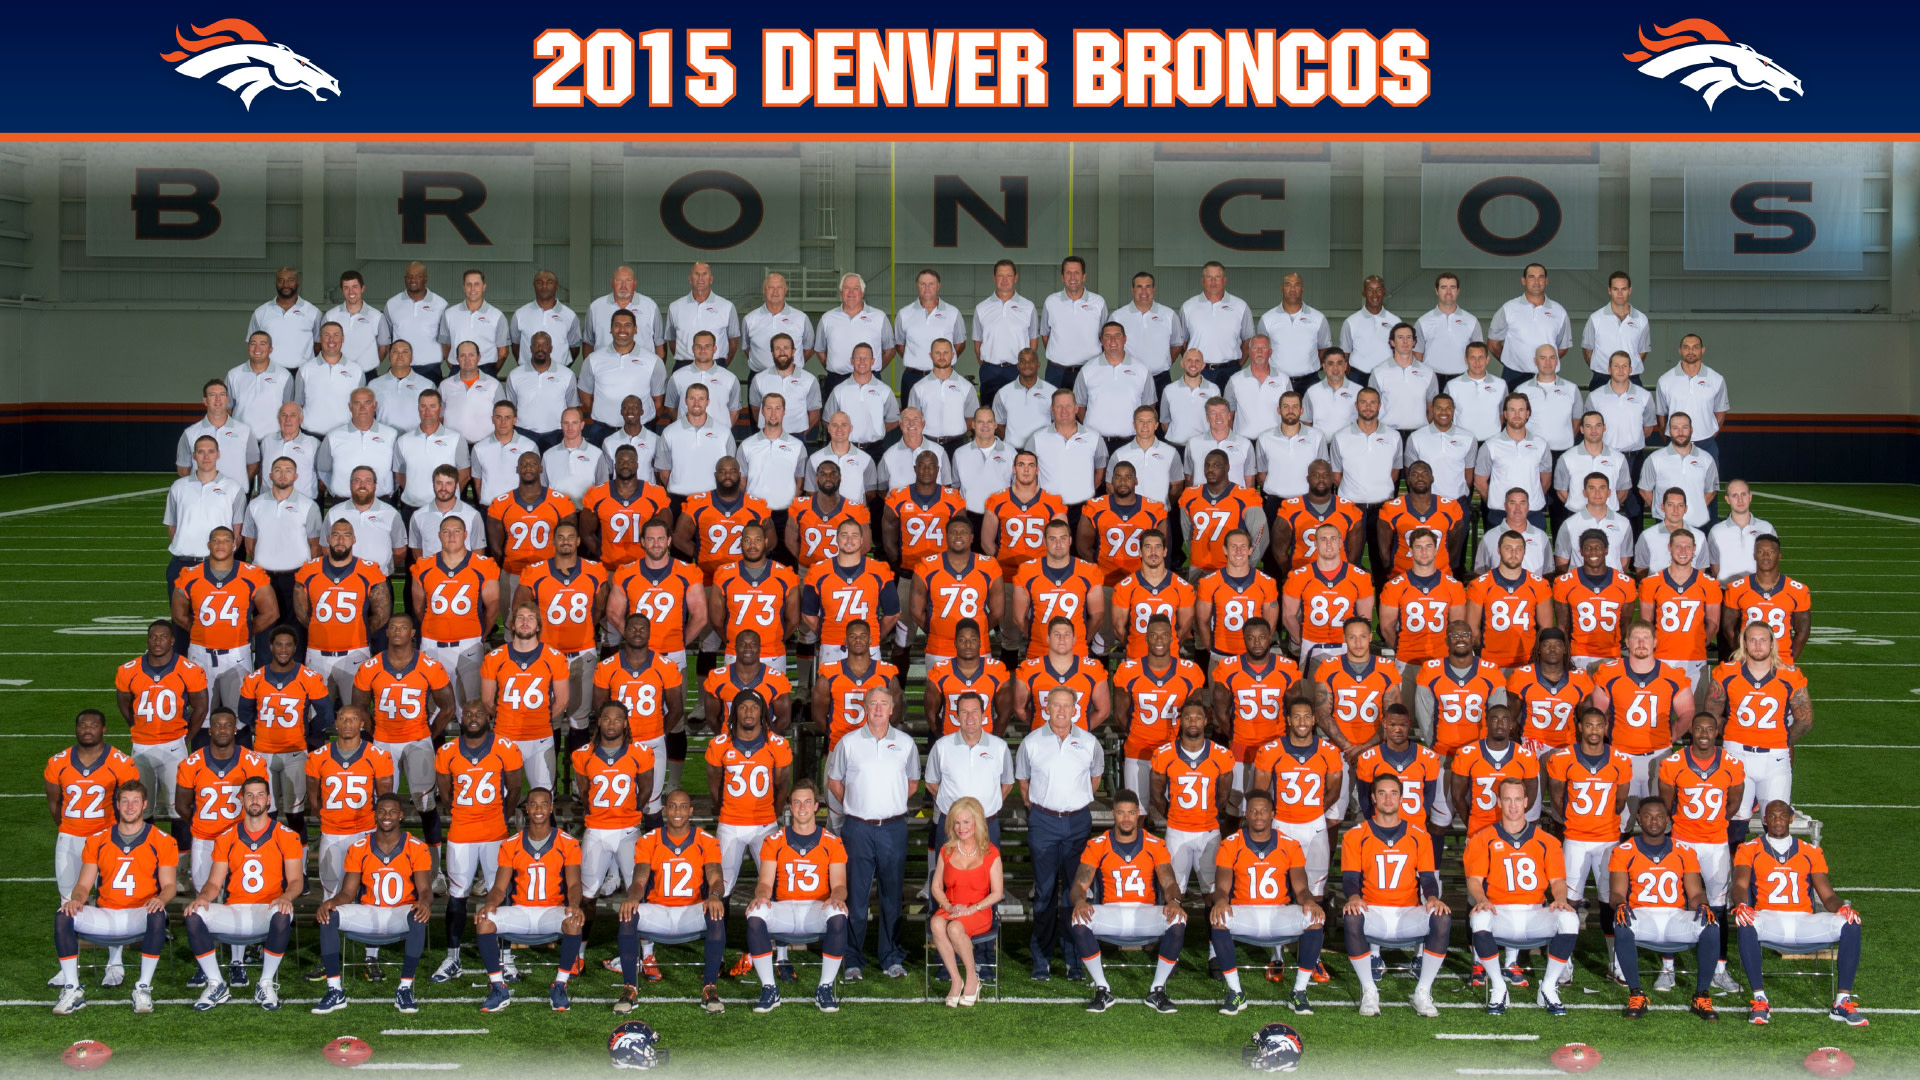 2015 Denver Broncos